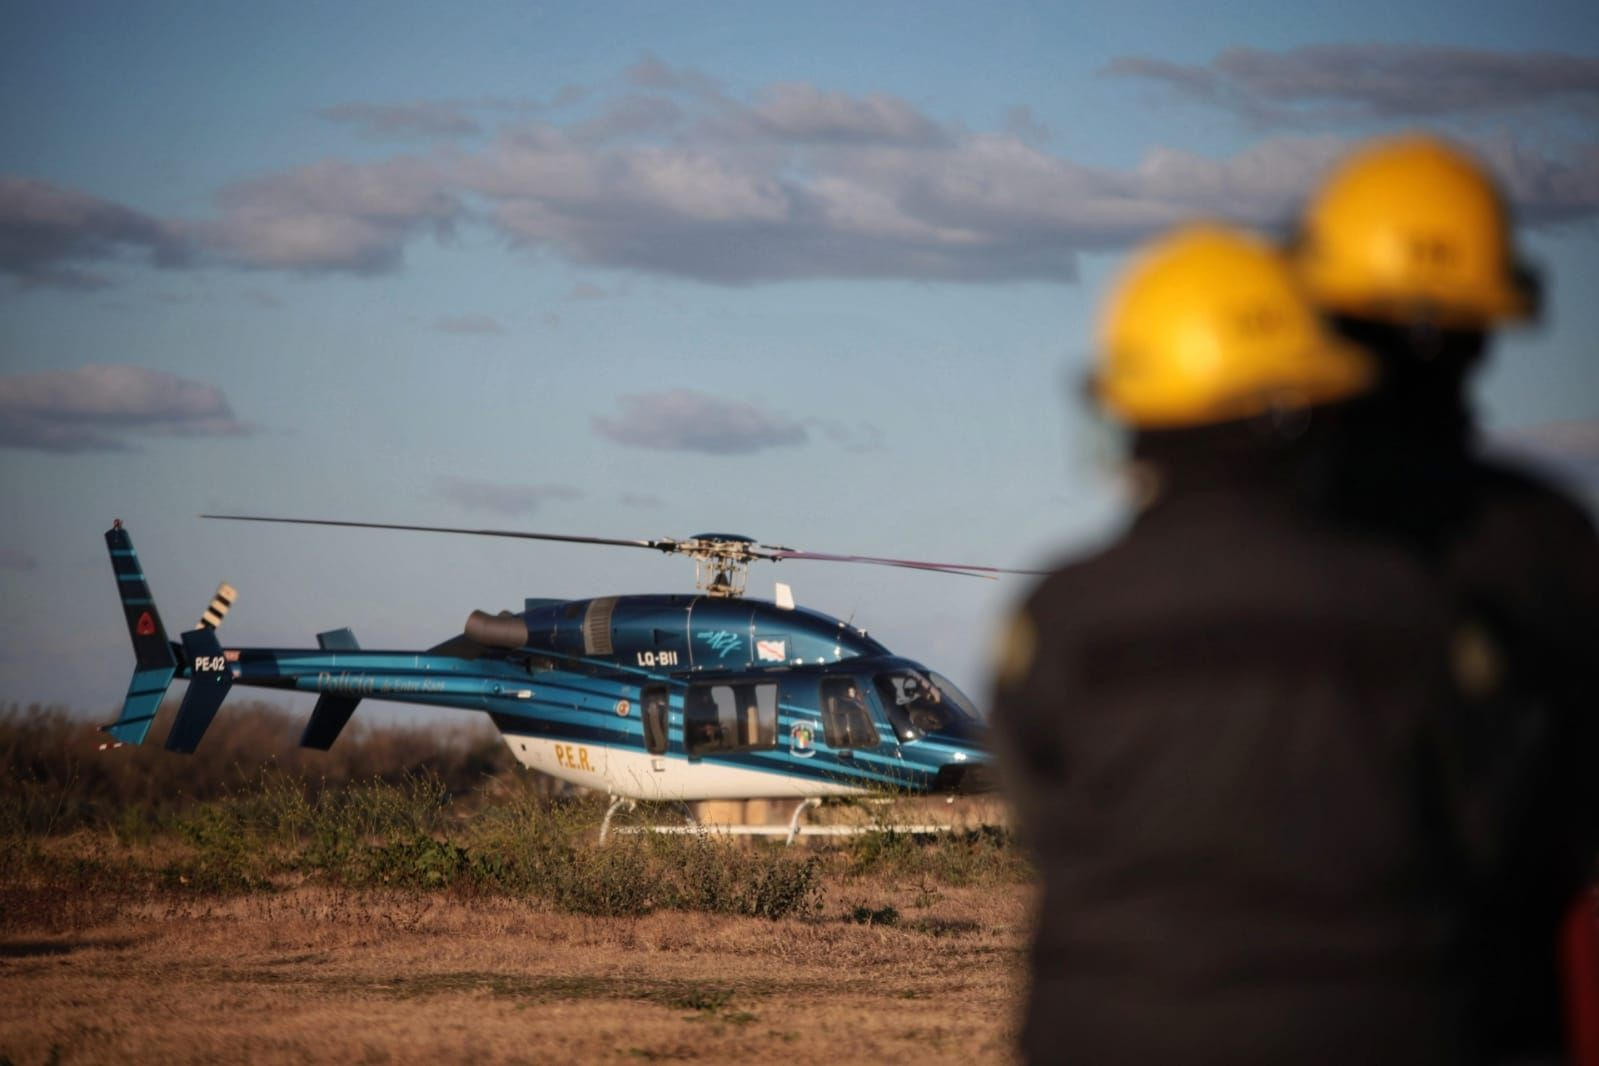 delta del parana: nuevos focos de incendios se suman a la crisis hidrica